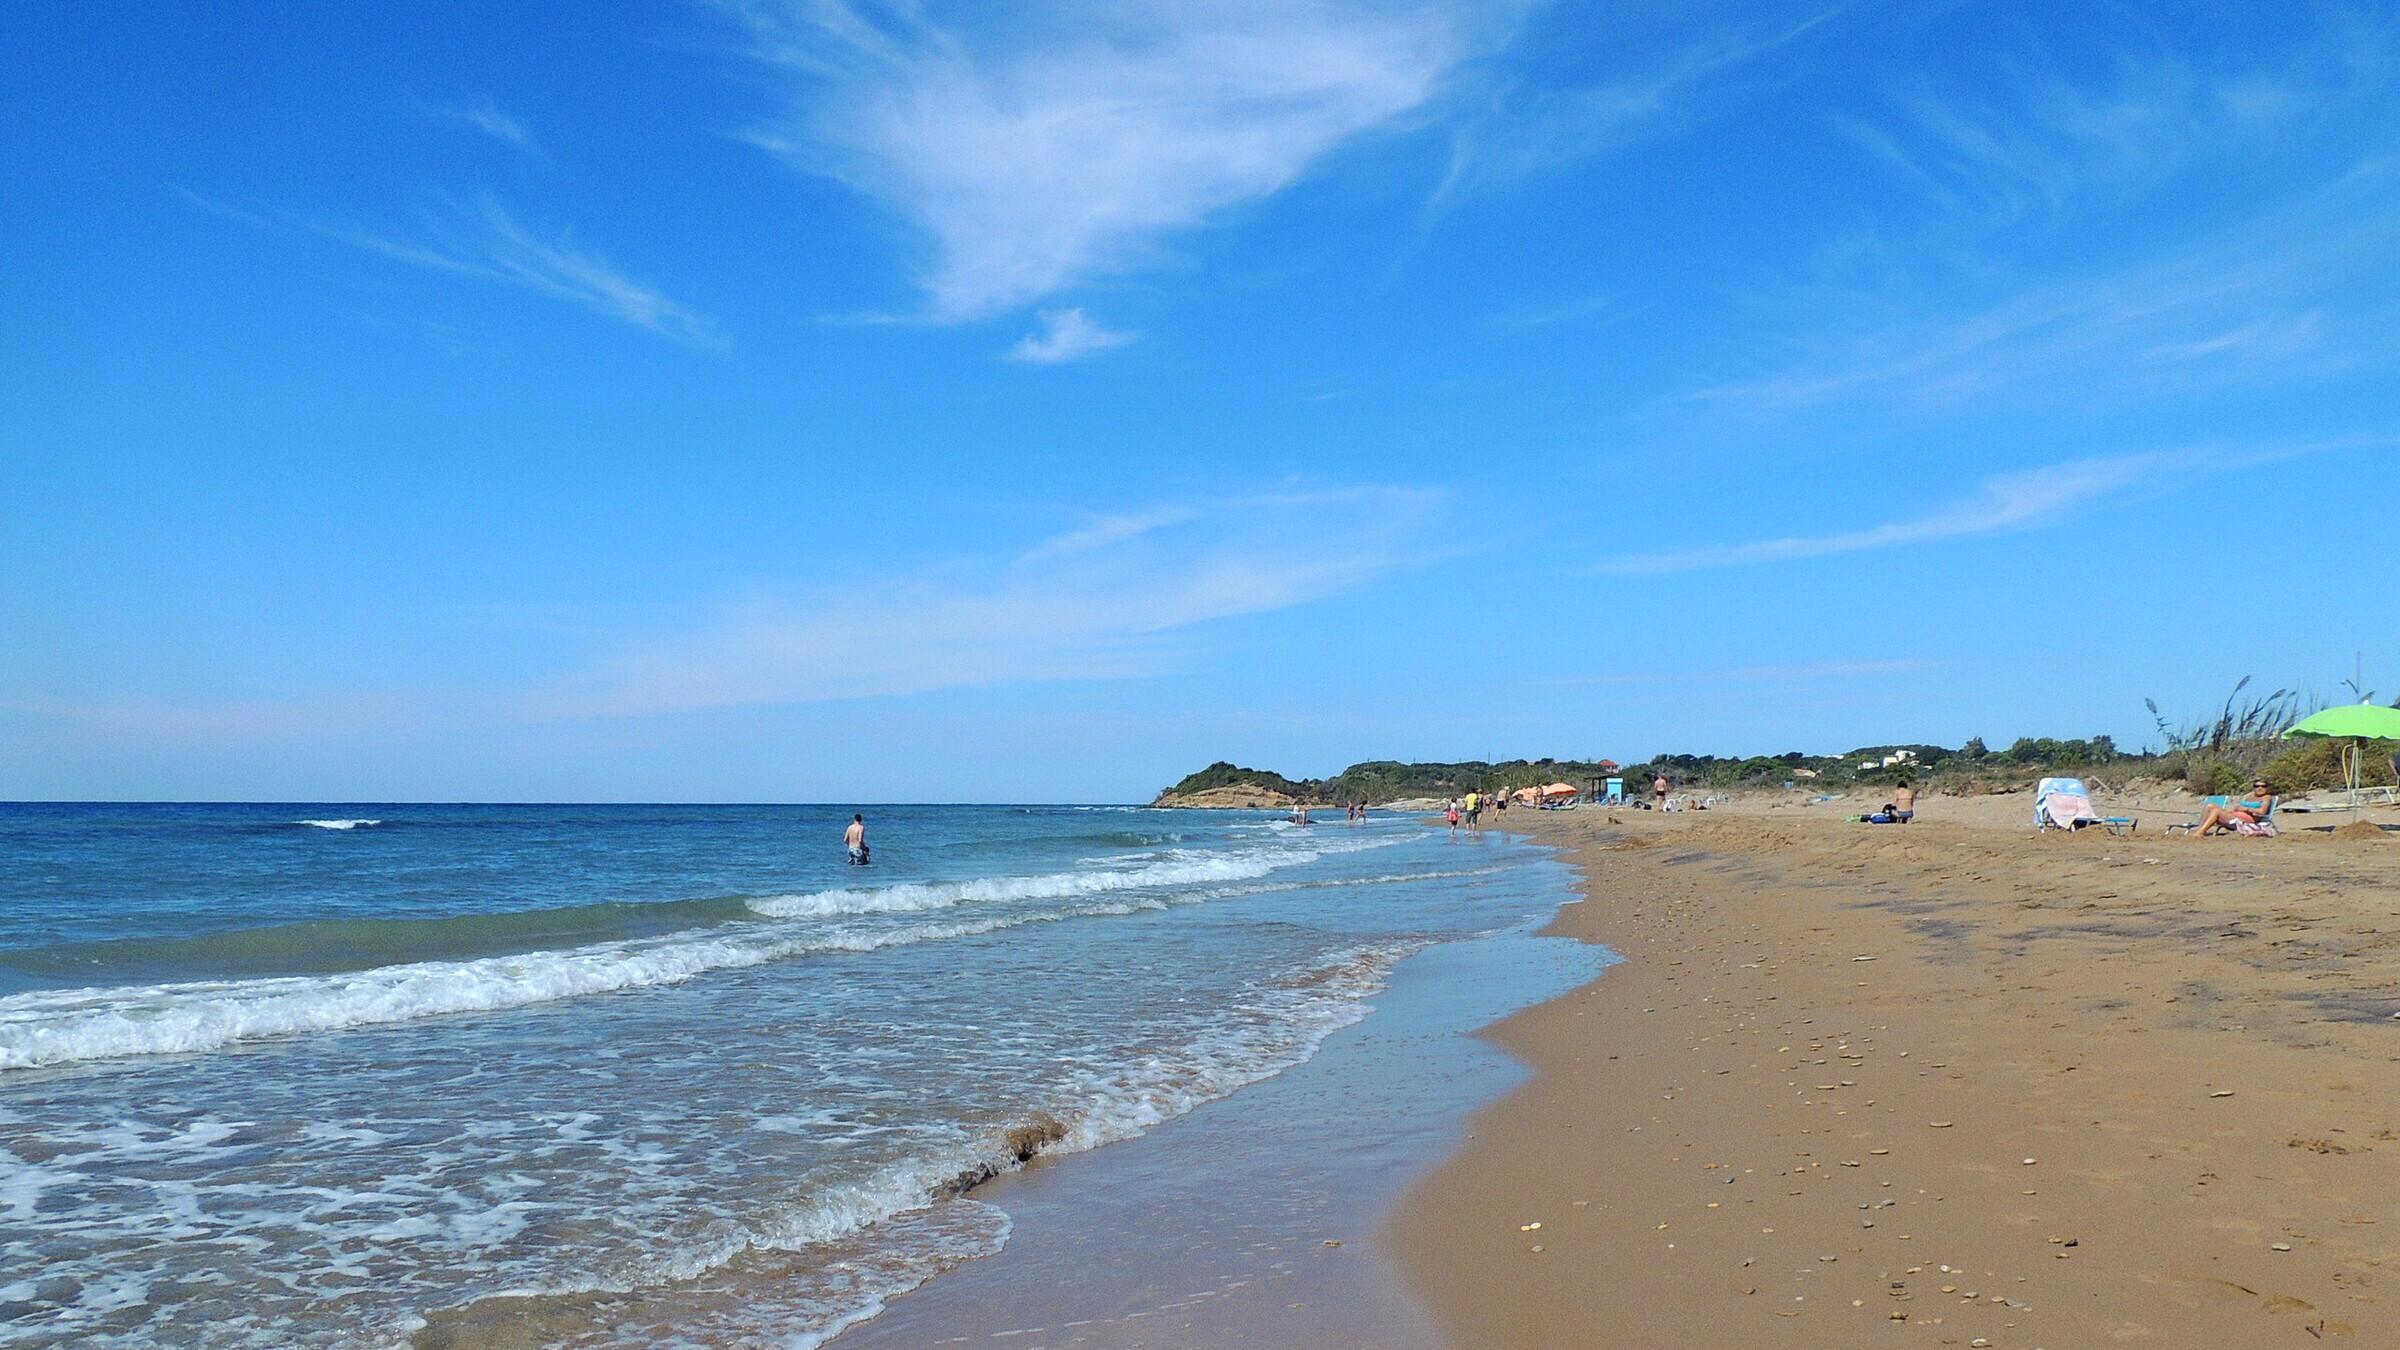 Пляжи, барселоны отзывы и фото, путеводитель